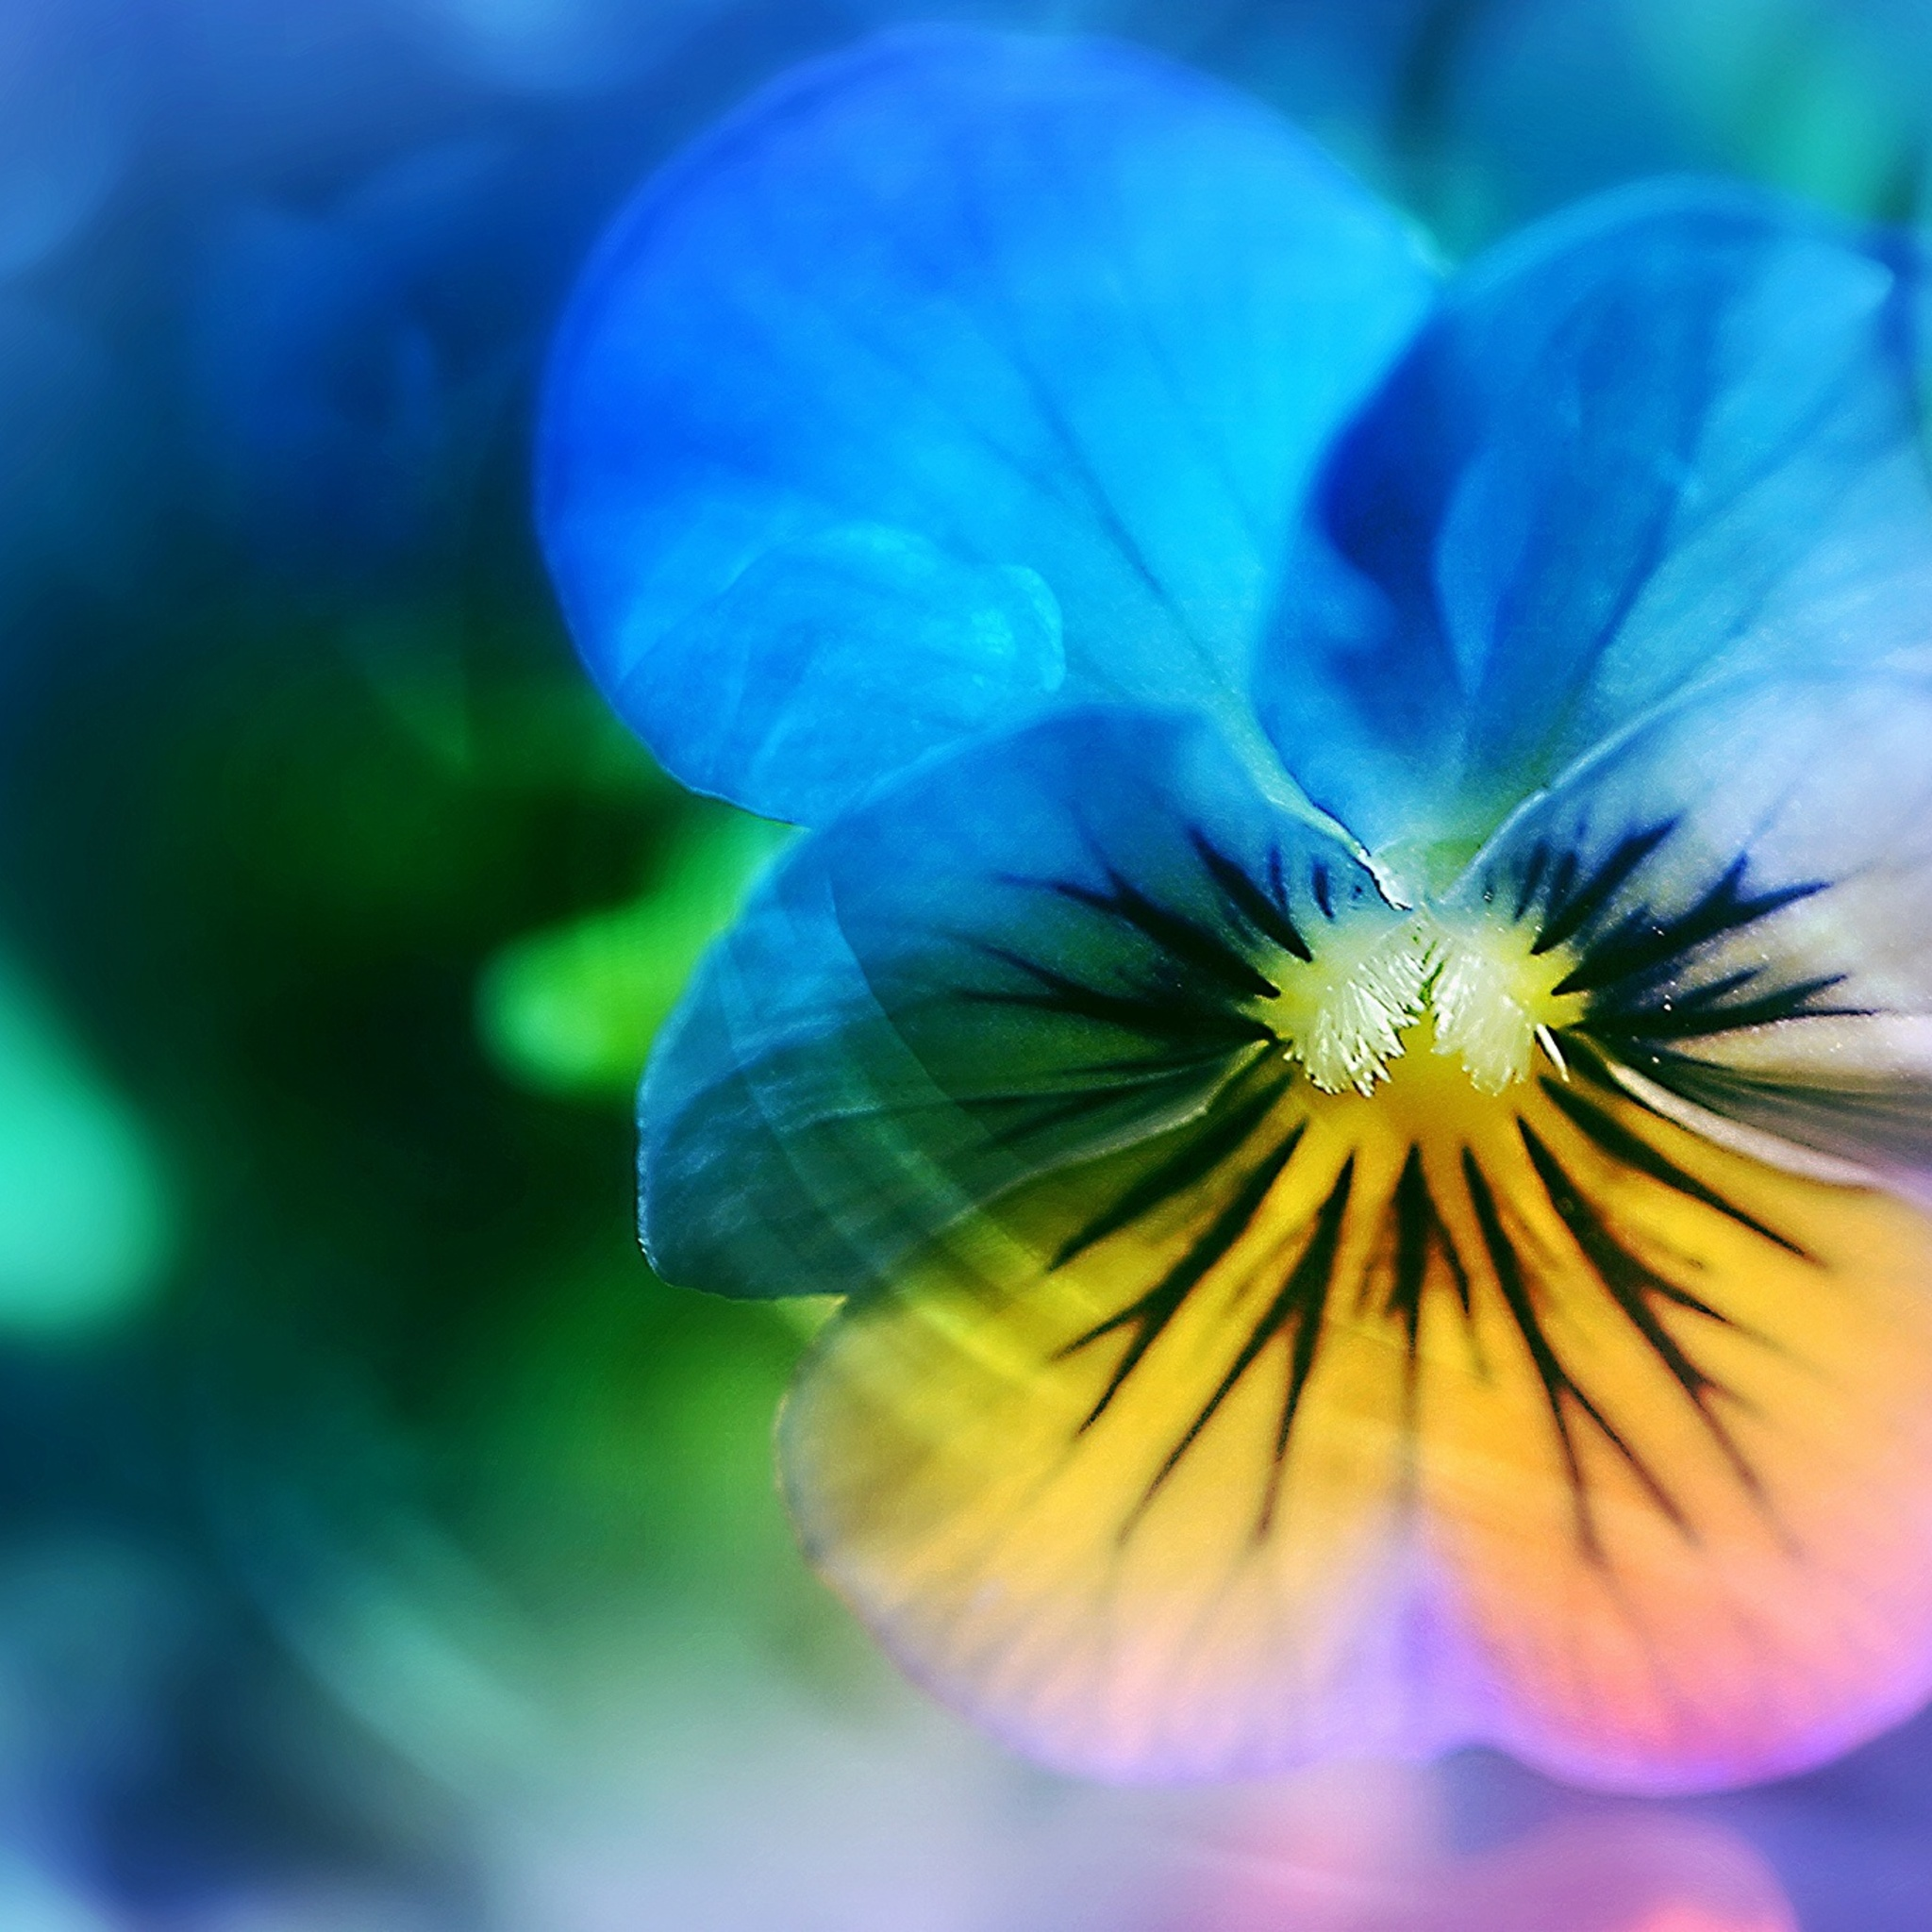 pansy-flower-ap.jpg